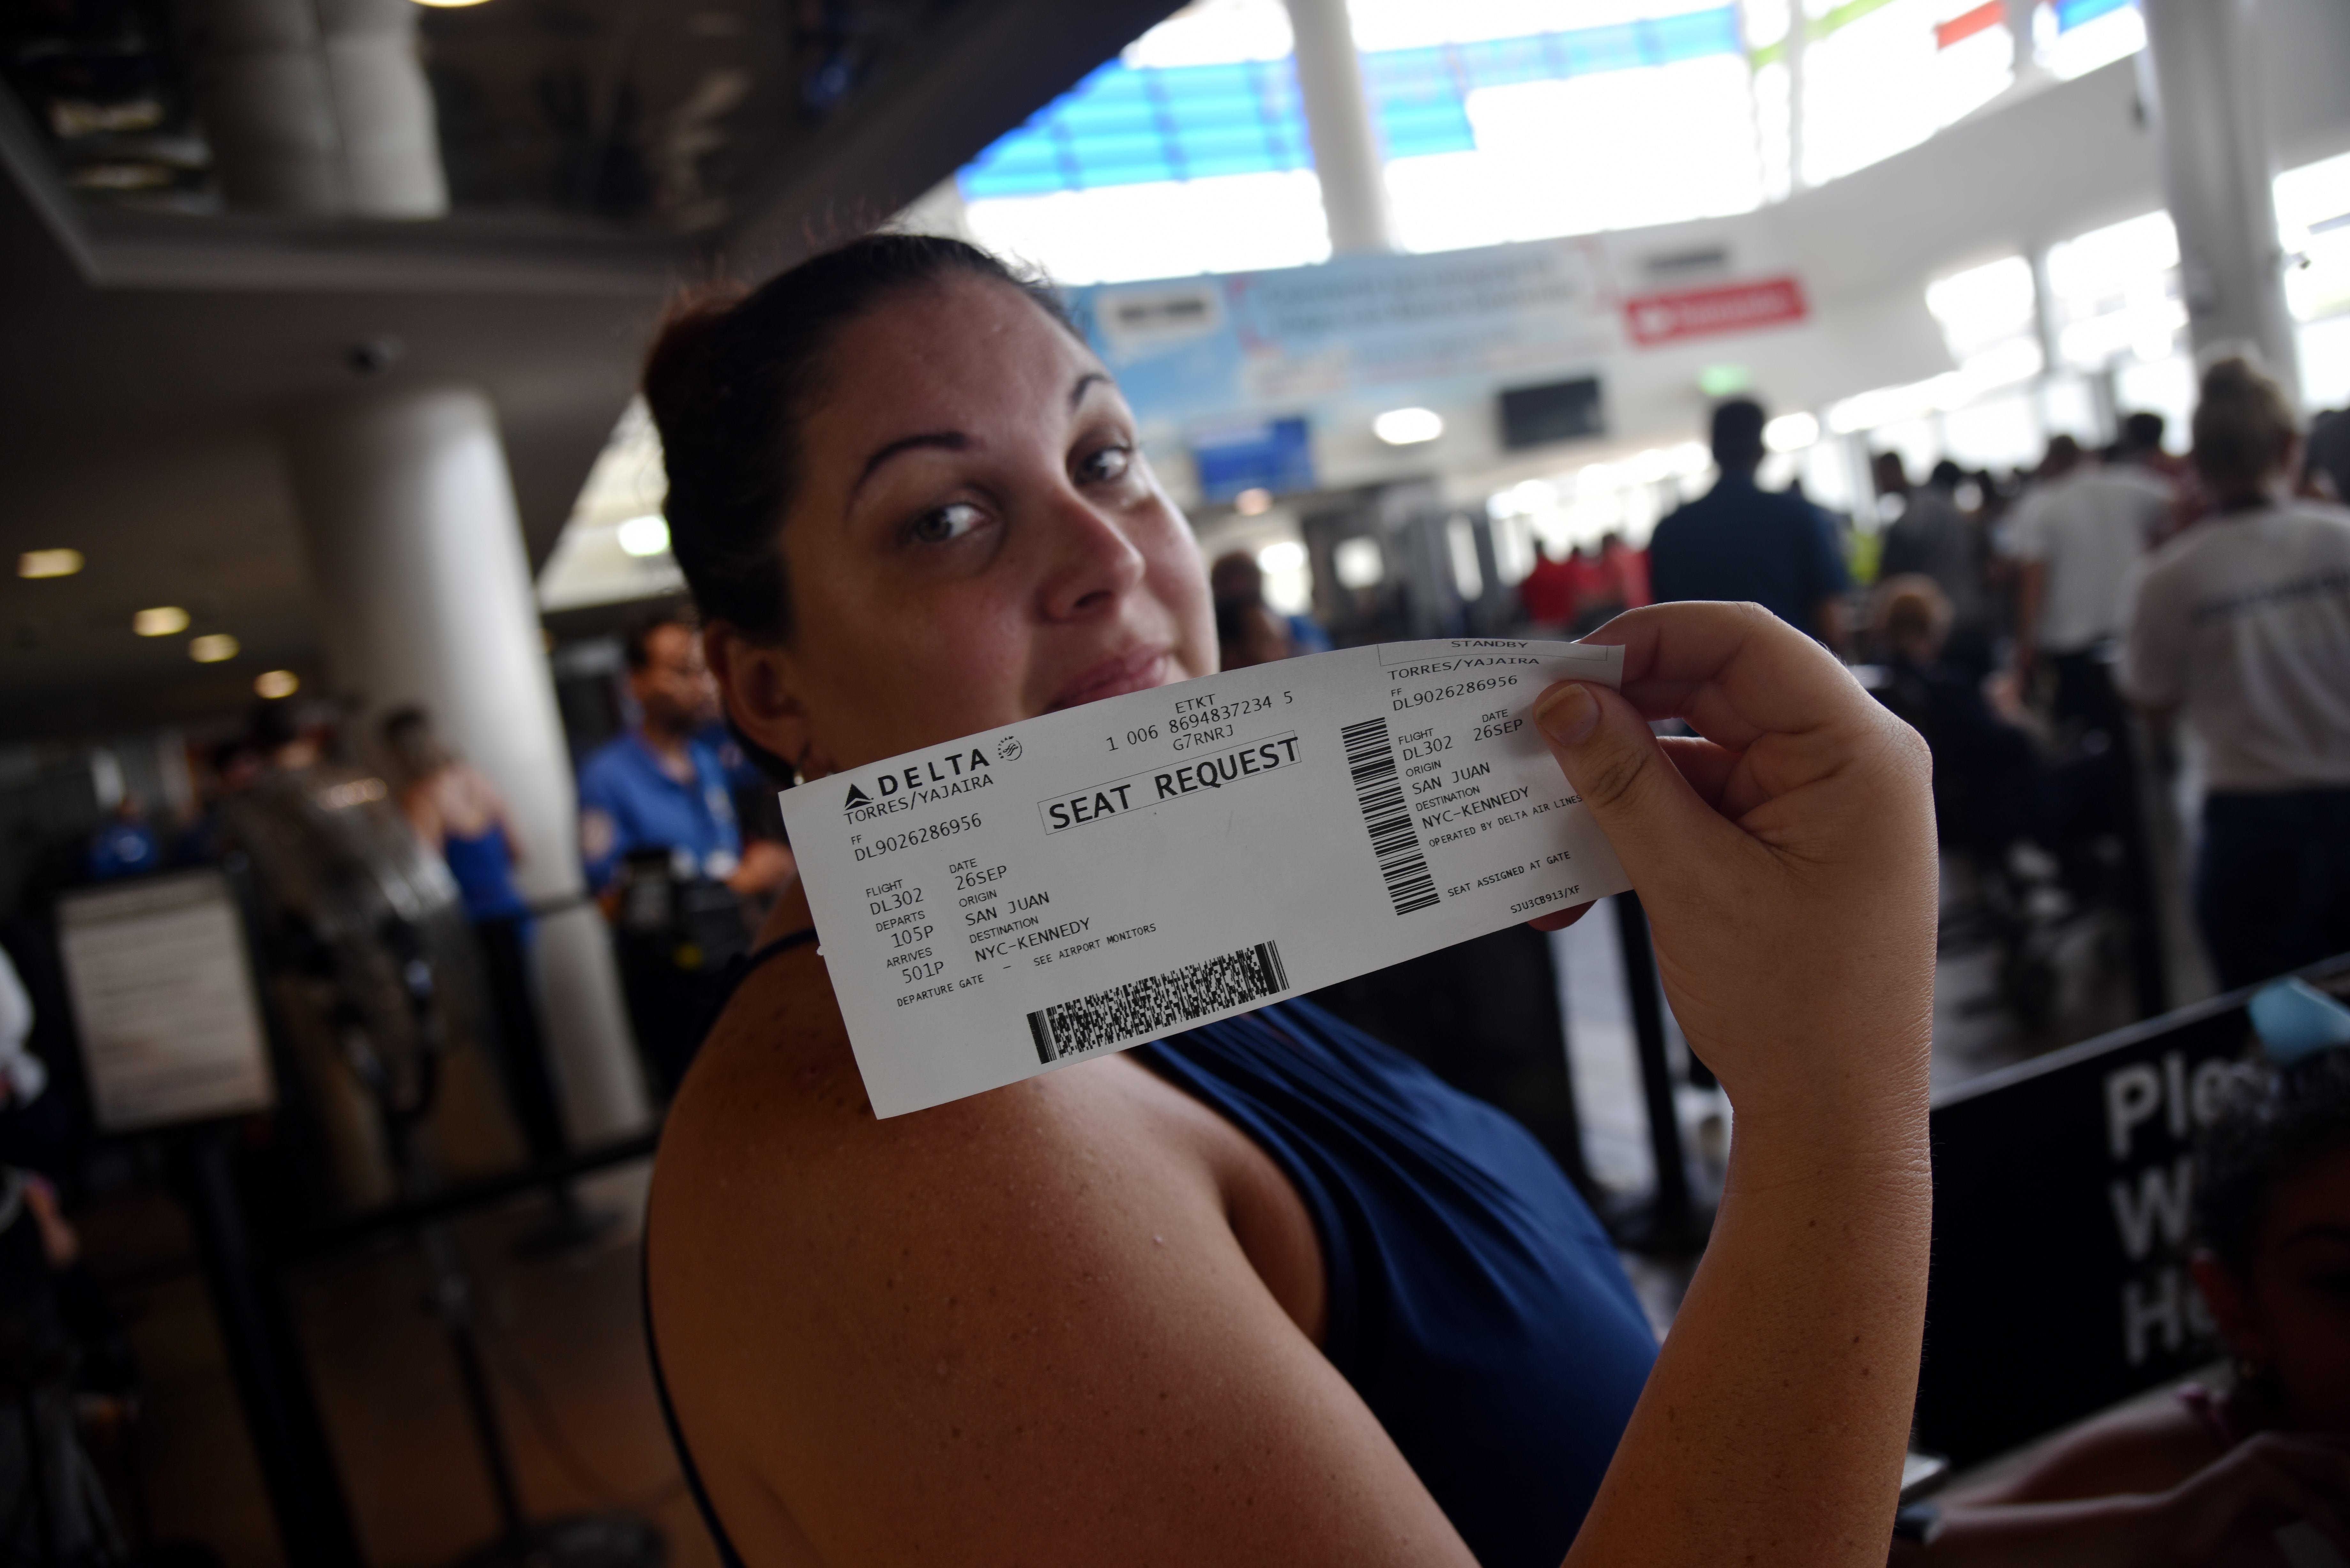 Puerto rico women thumbs